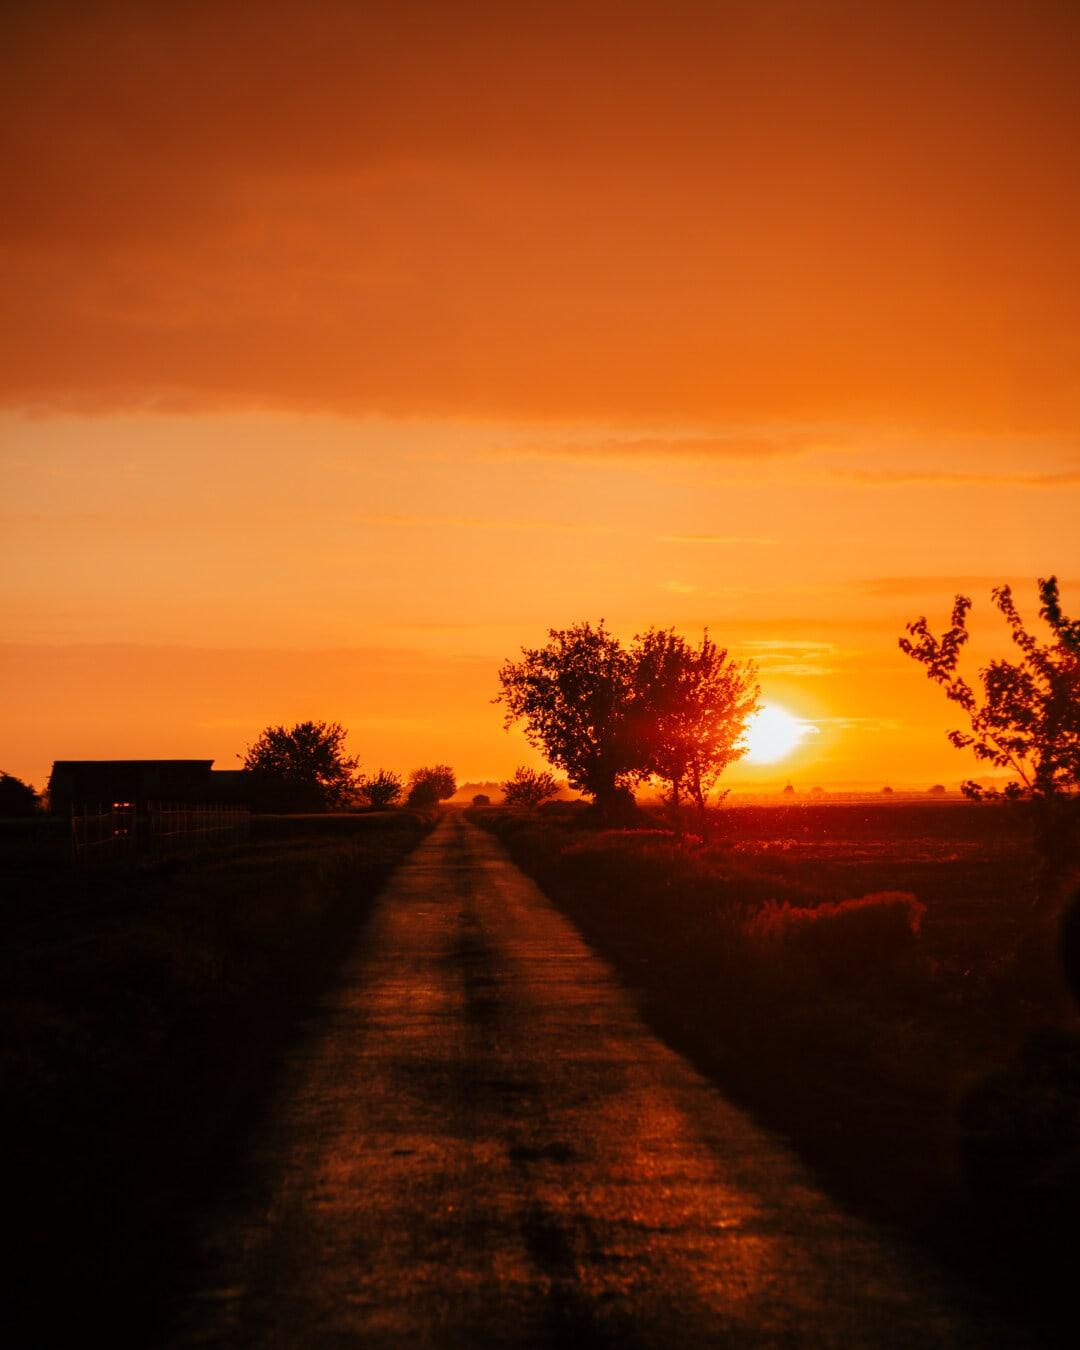 rayons de soleil, lumière du soleil, rouge foncé, soleil, jaune orangé, coucher de soleil, Itinéraire, domaine, Agriculture, Star